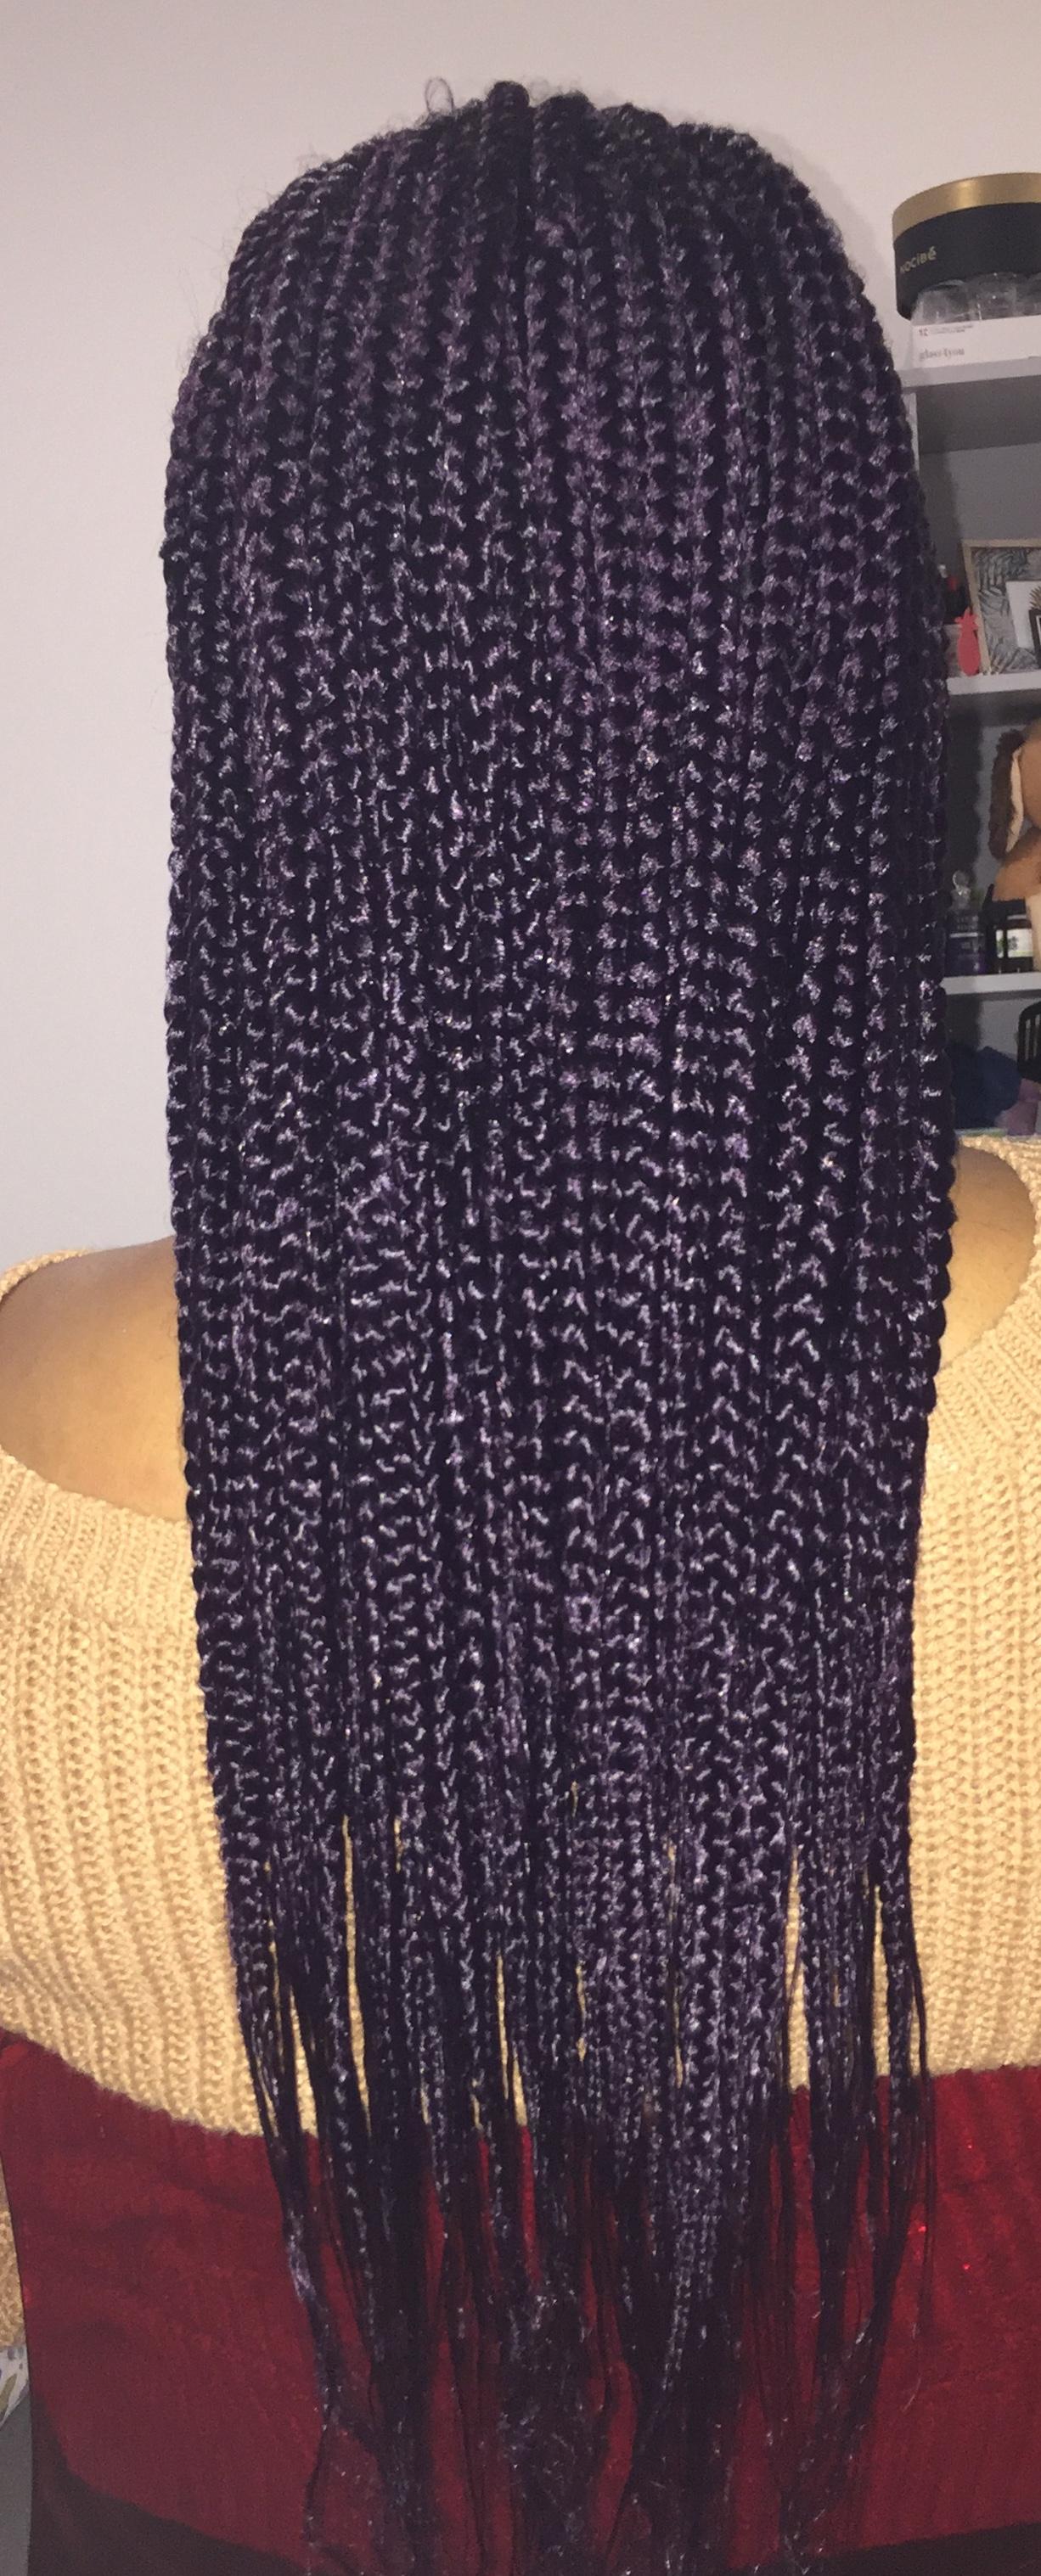 salon de coiffure afro tresse tresses box braids crochet braids vanilles tissages paris 75 77 78 91 92 93 94 95 PAIVGLCY